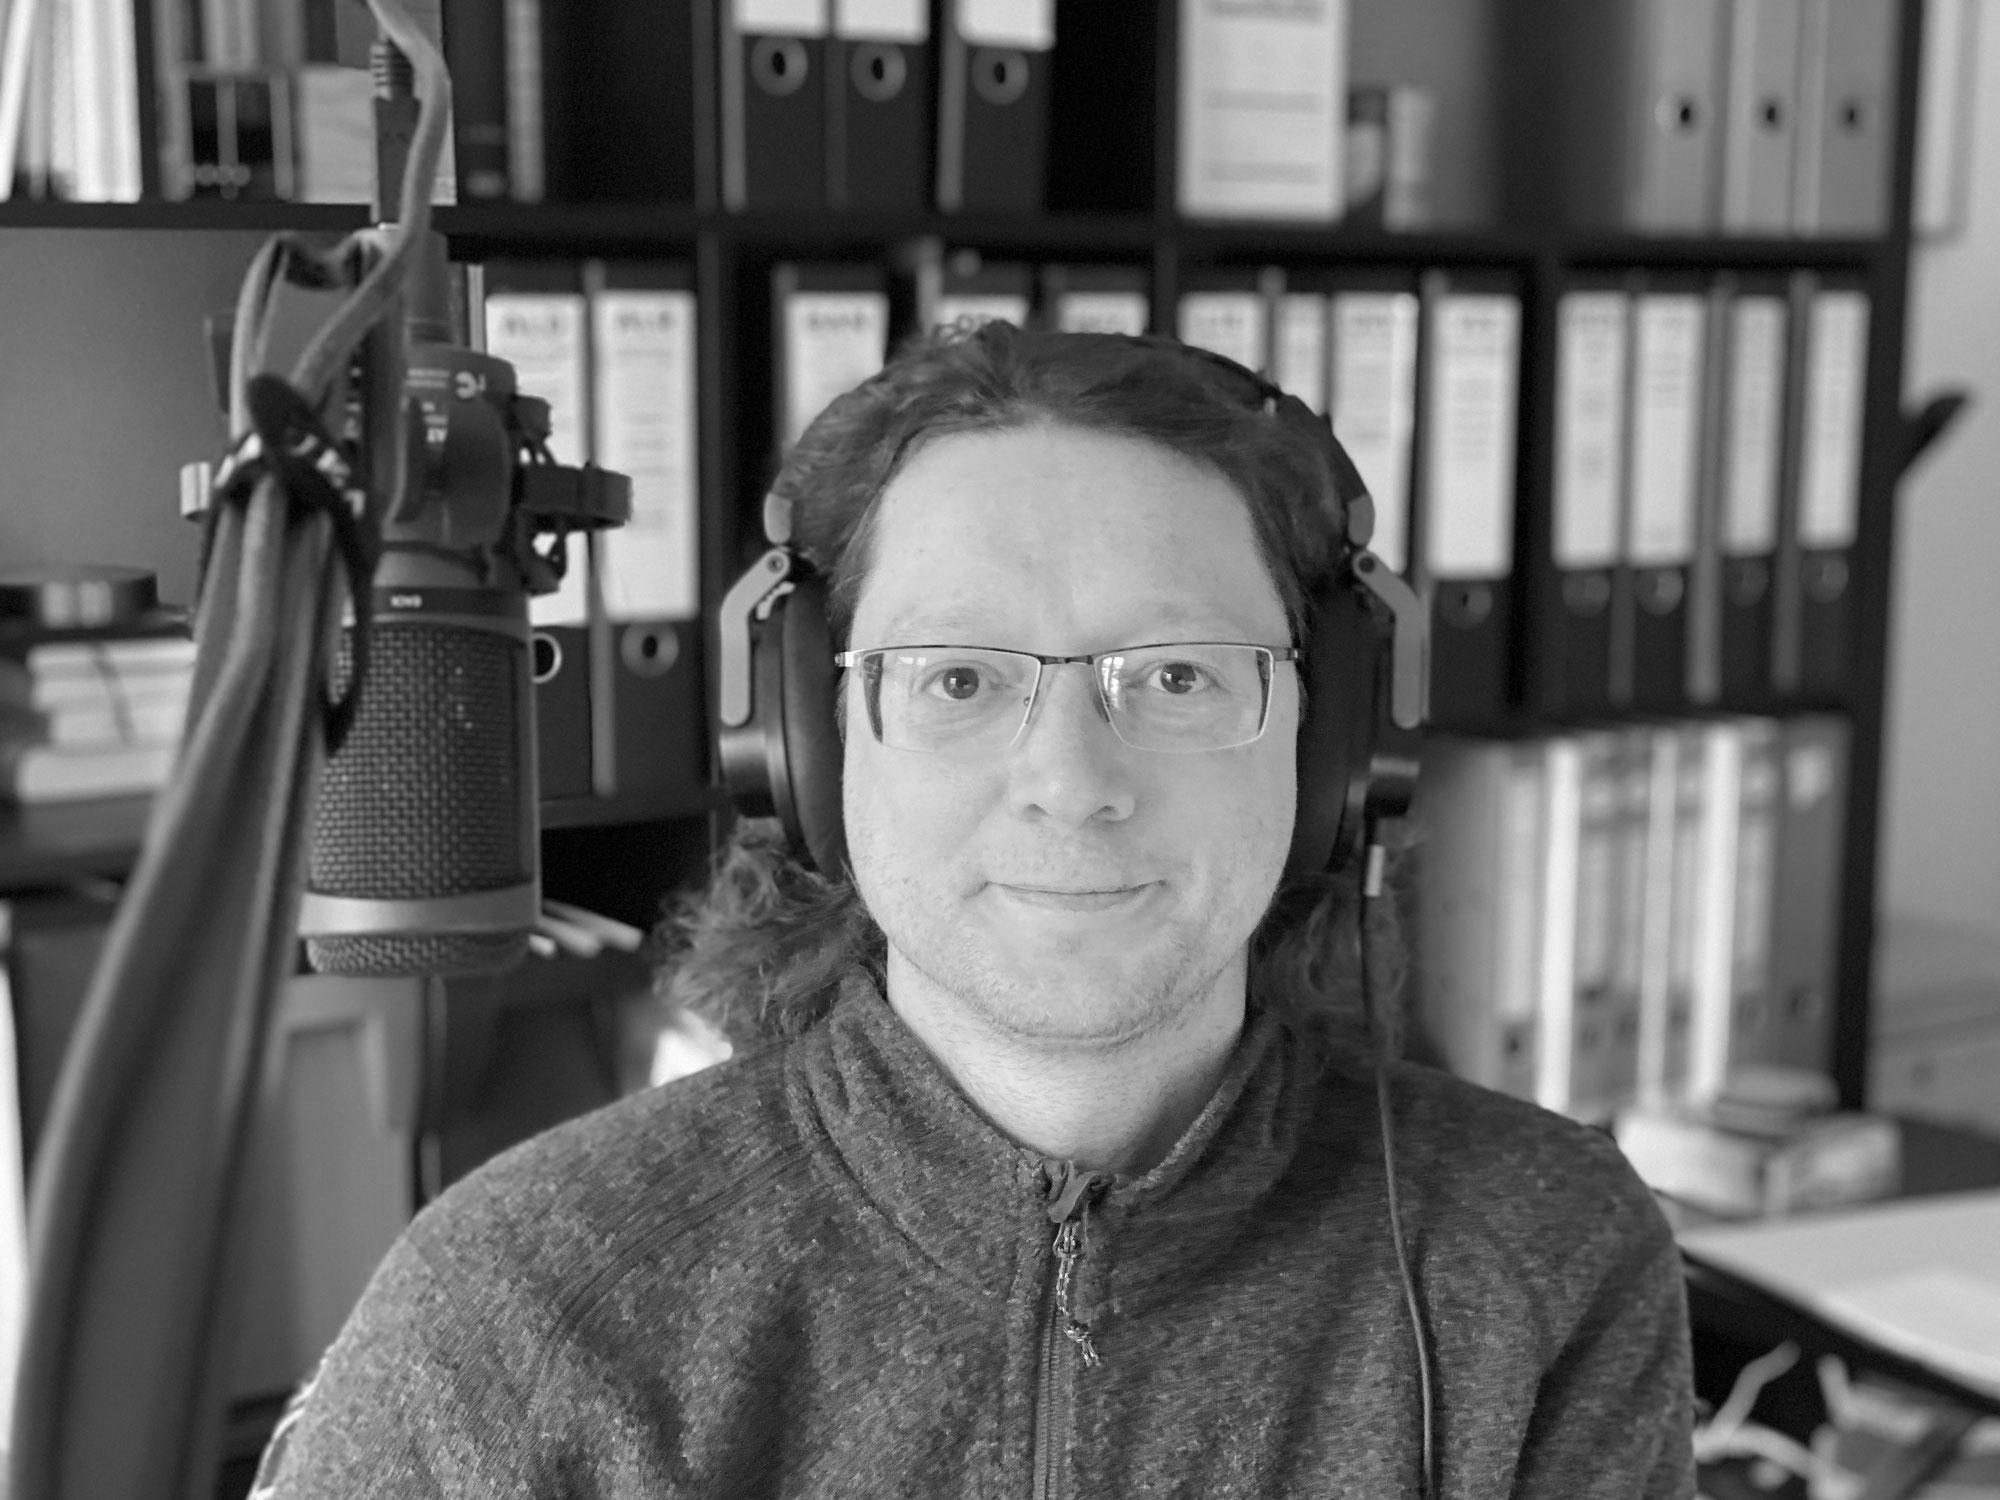 Der Erntehelfer Podcast - Folge 07 - Andreas Litger - Hygiene- und Infektionsschutzbeauftragter für Veranstaltungen